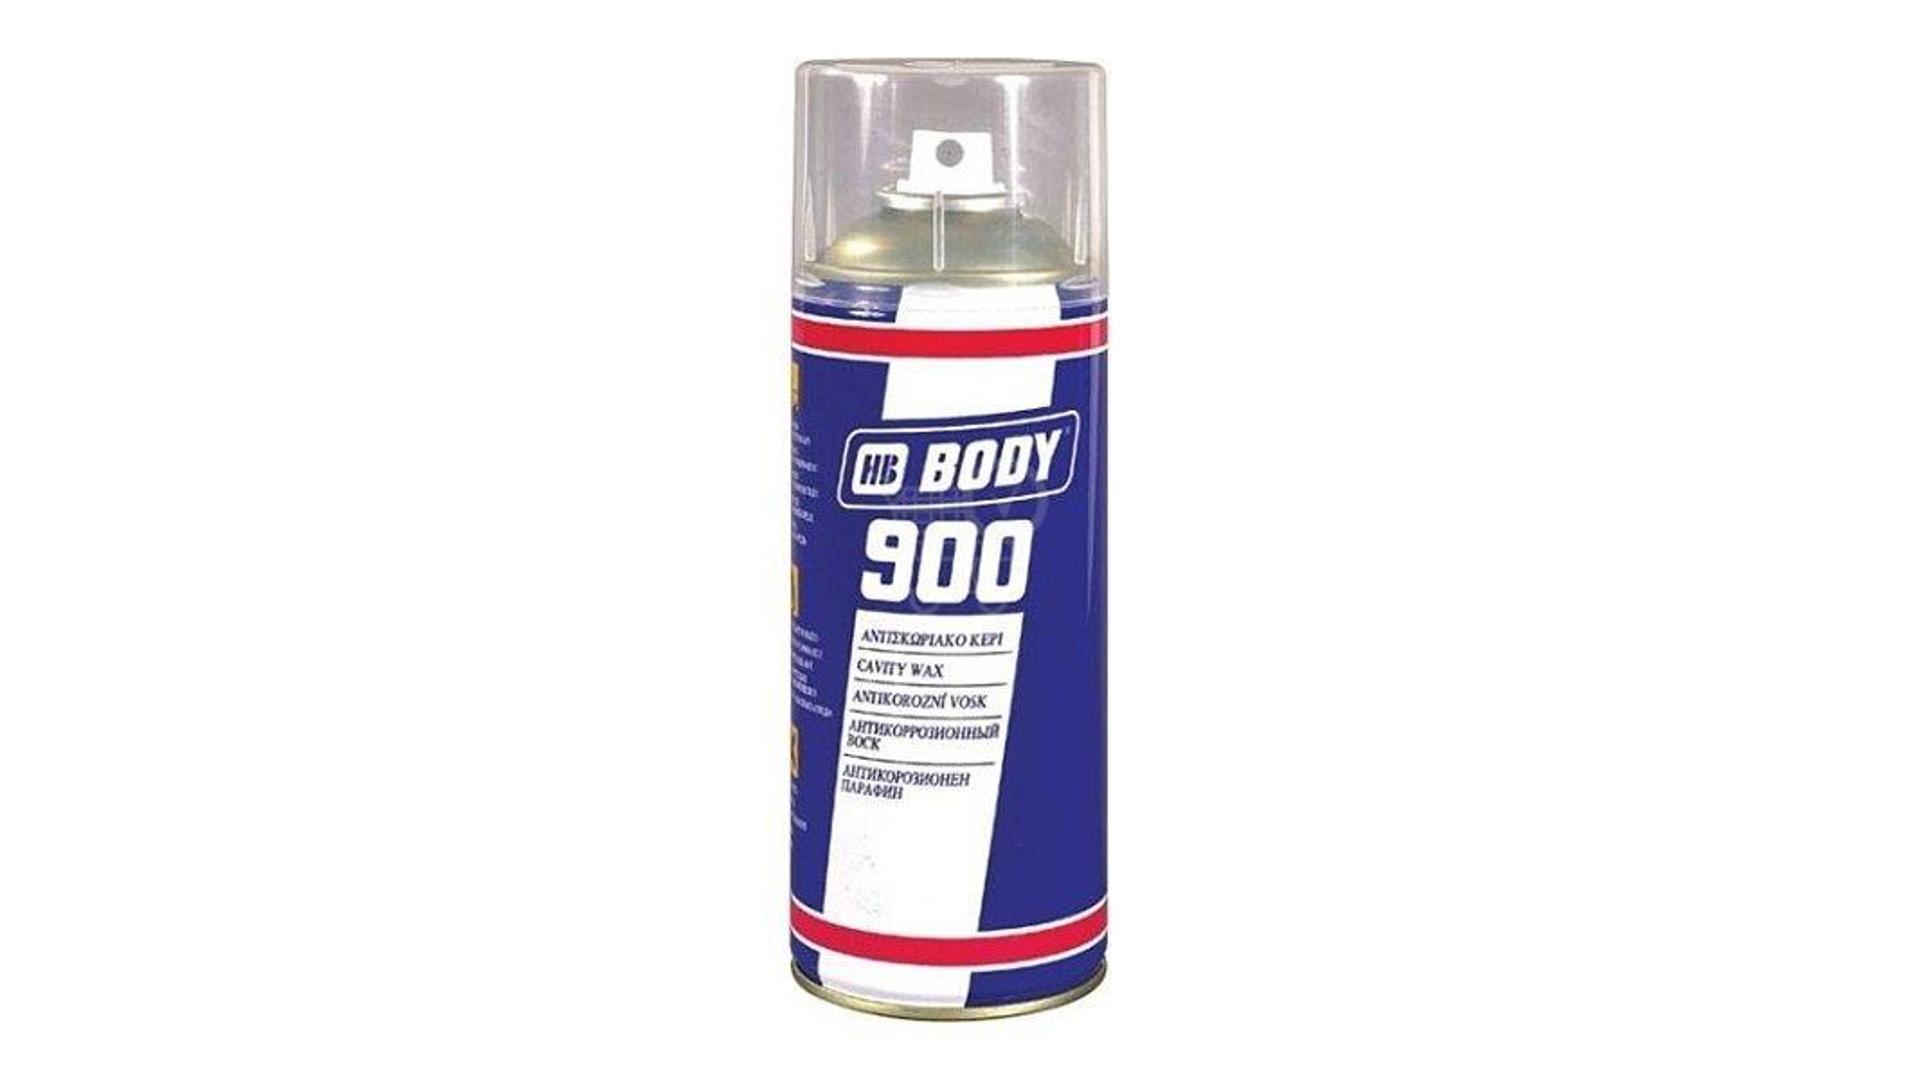 HB BODY 900 cavity wax - sprej na dutiny transparentní 400ml